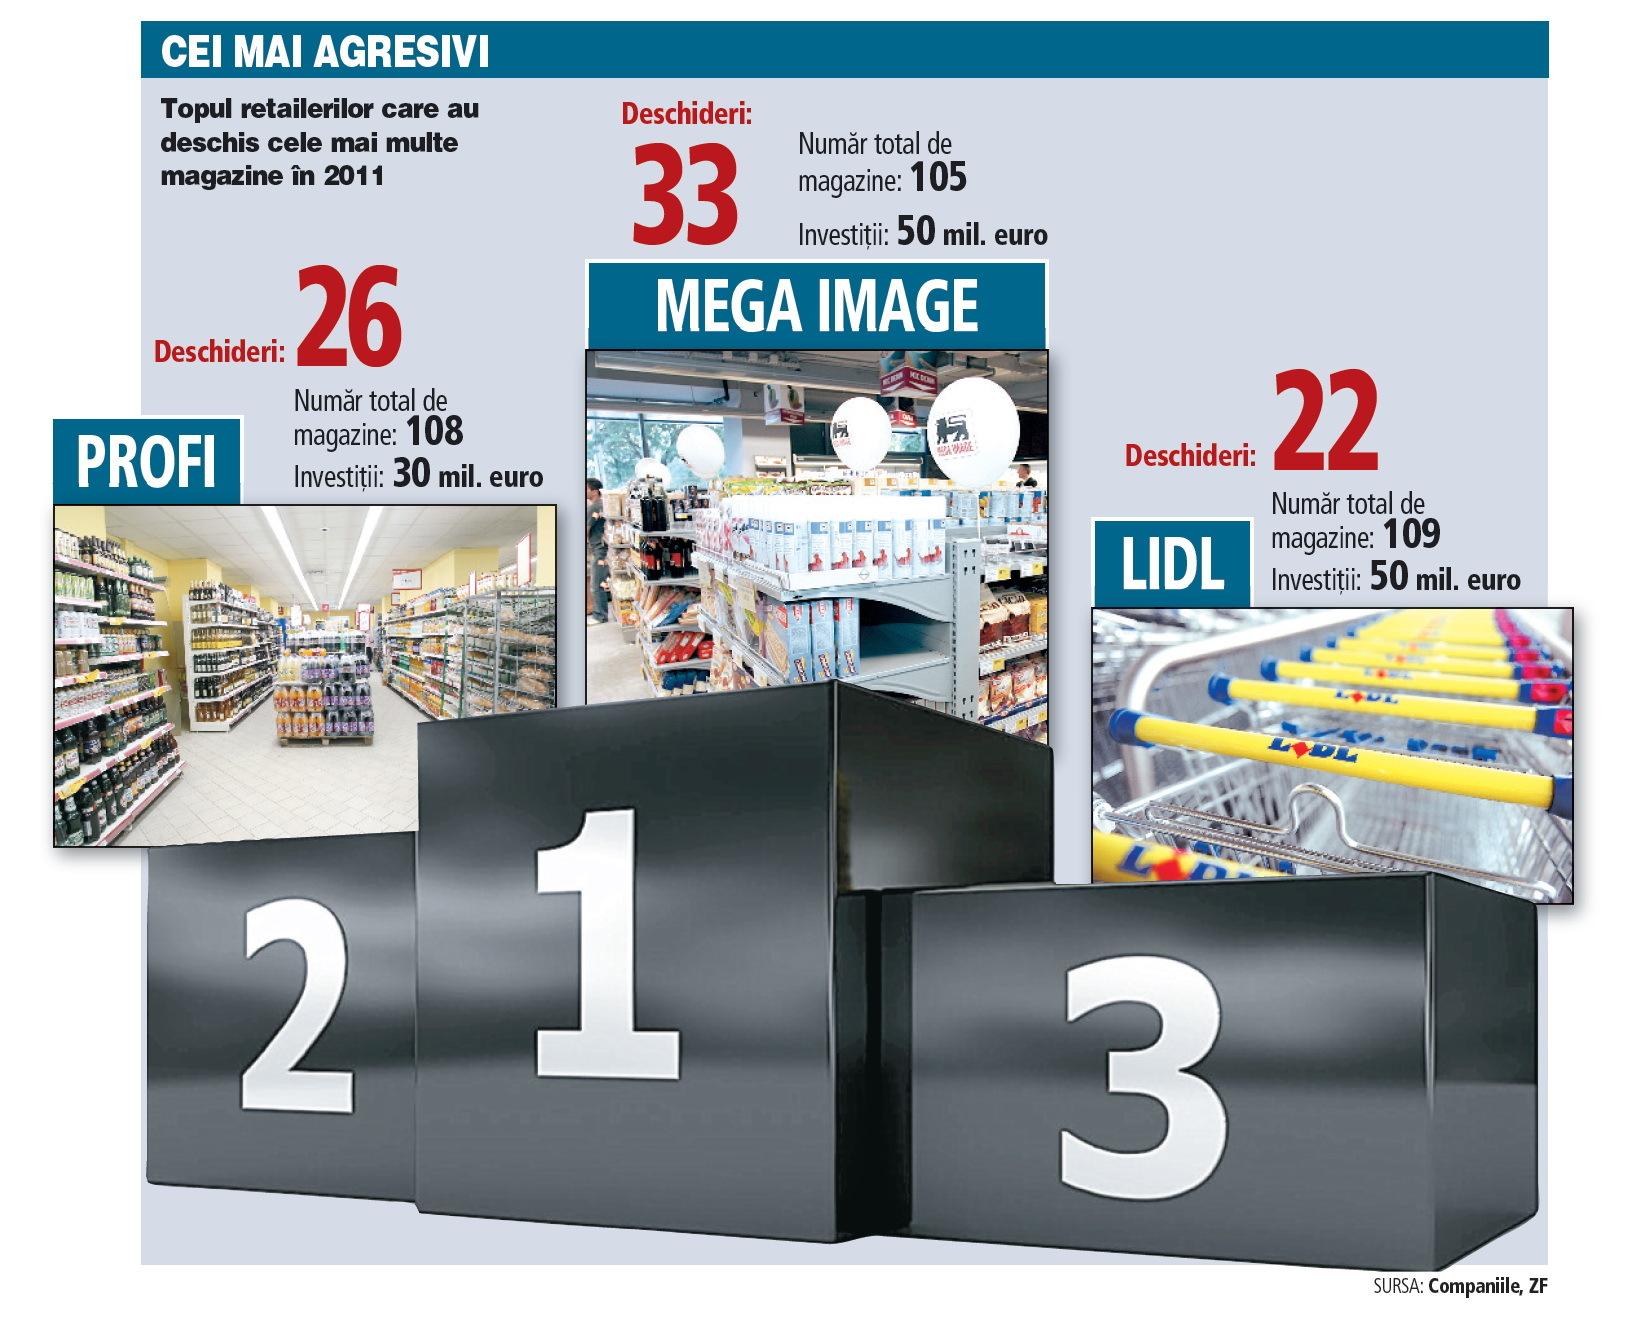 Cine au fost în 2011 cei mai agresivi trei retaileri în expansiune?